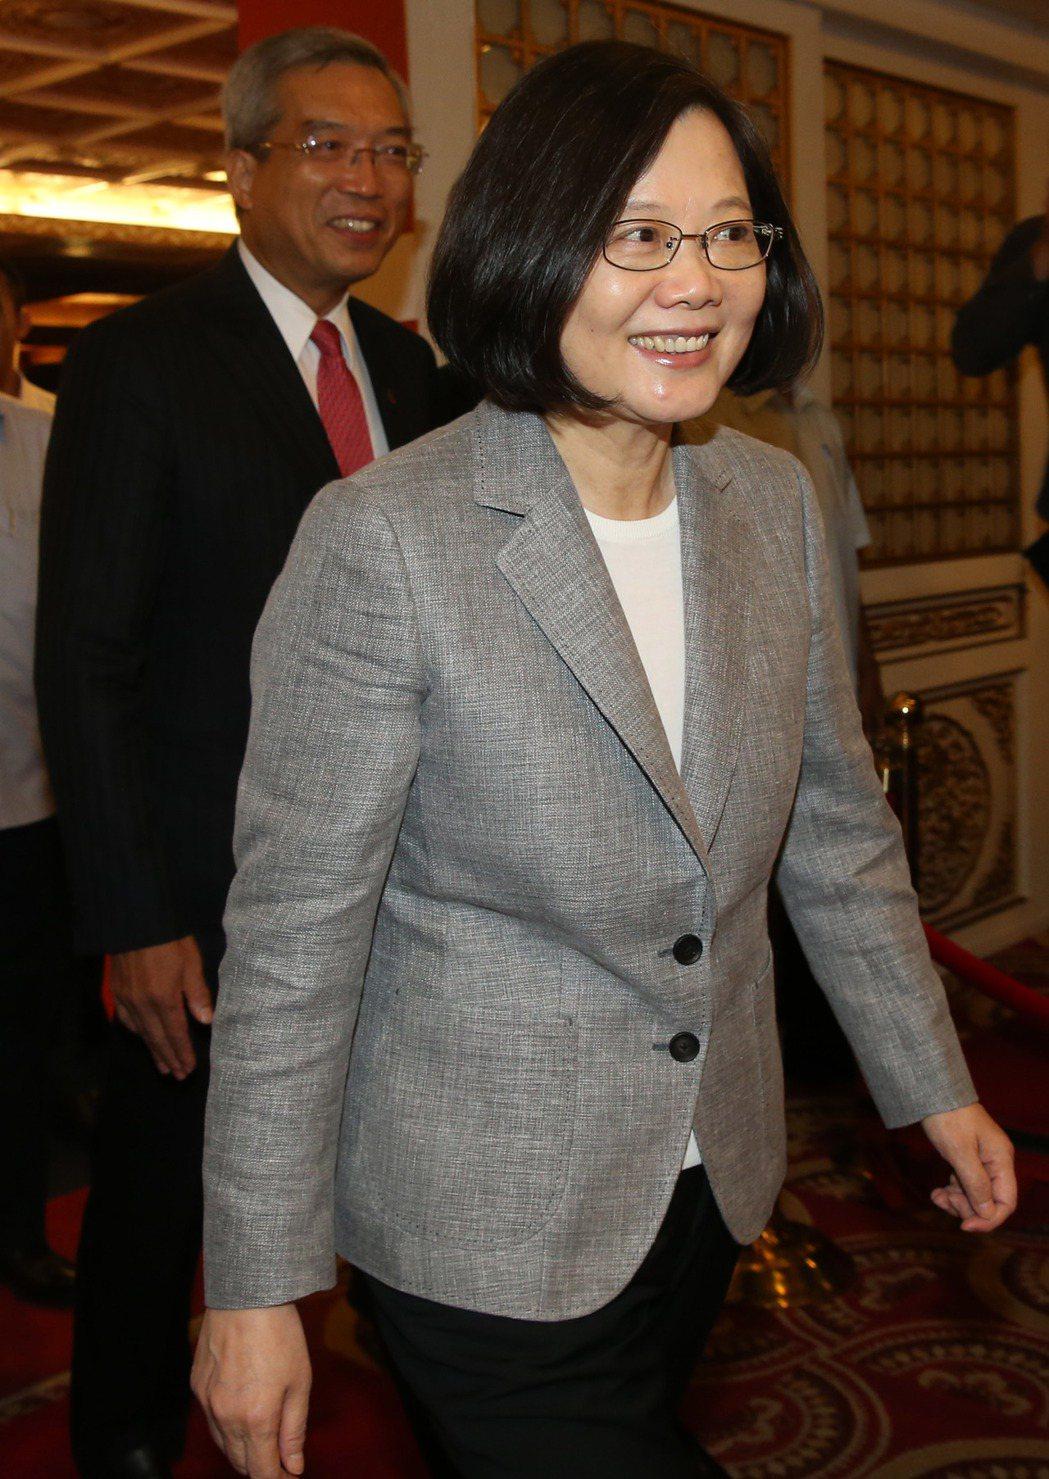 蔡英文總統(右)出席「2017財訊金融獎頒獎典禮」。記者林俊良/攝影